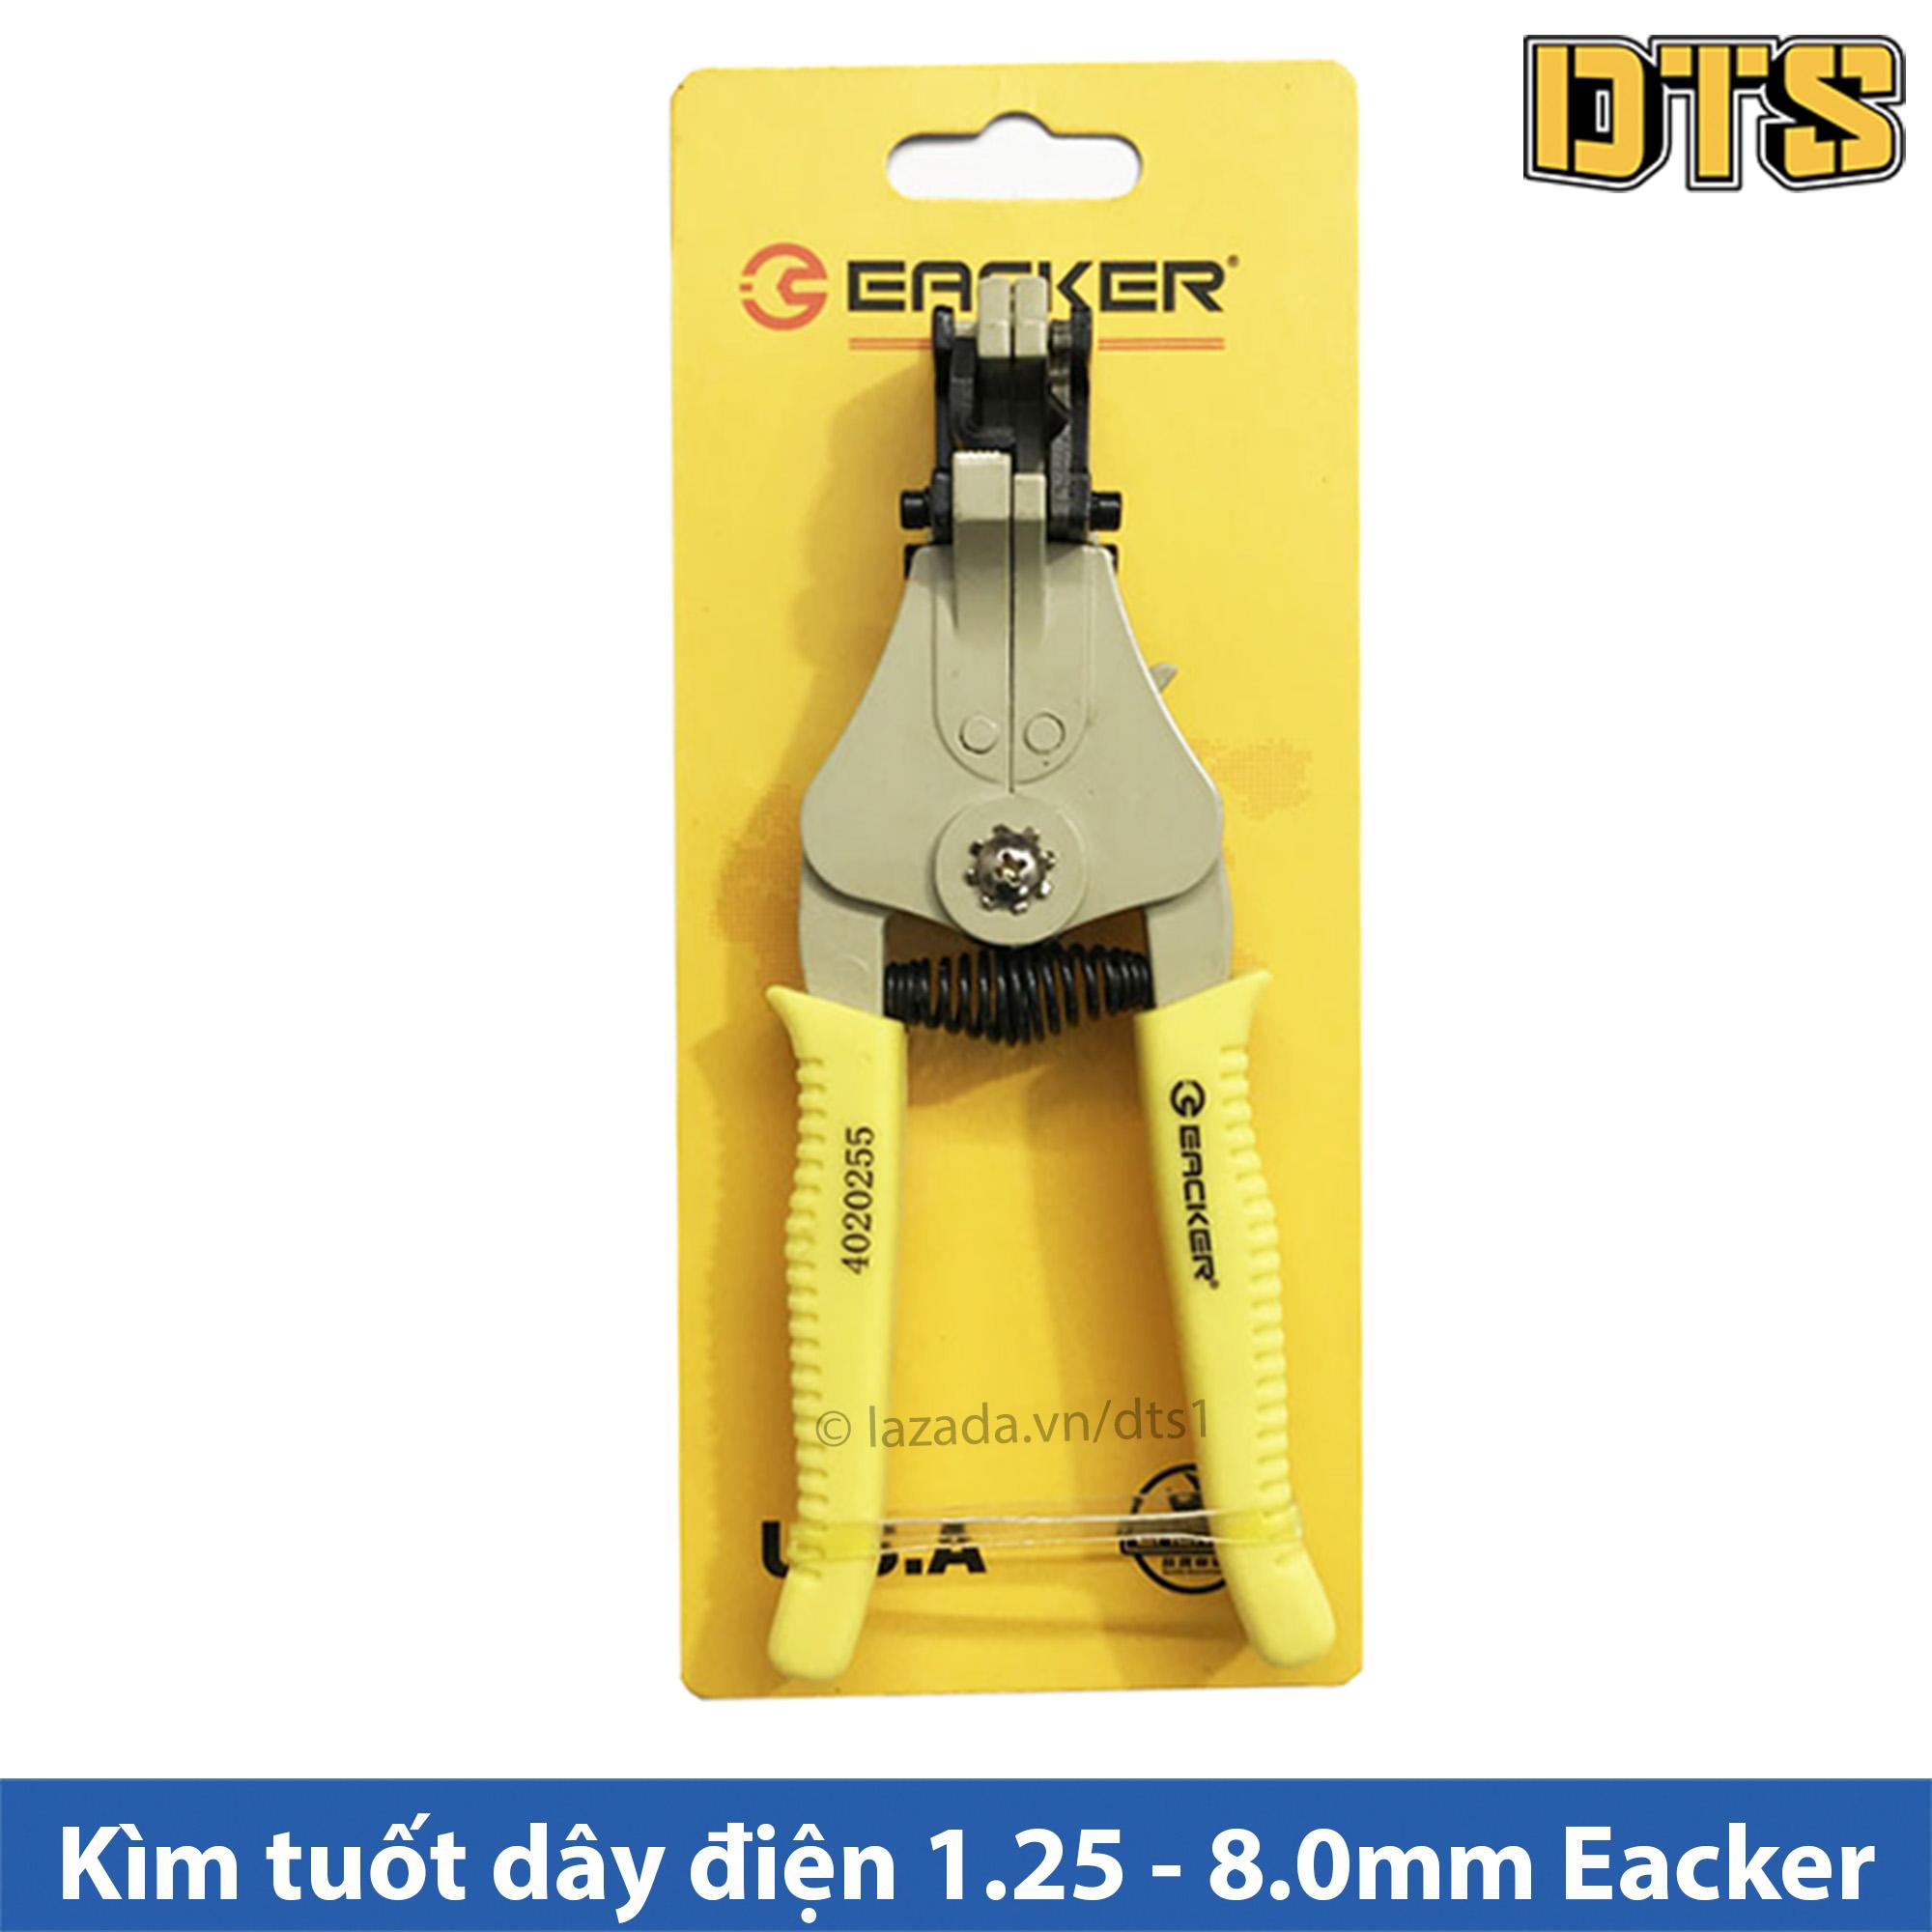 Kìm tuốt dây điện tự bung Eacker 1.25 - 8.0mm